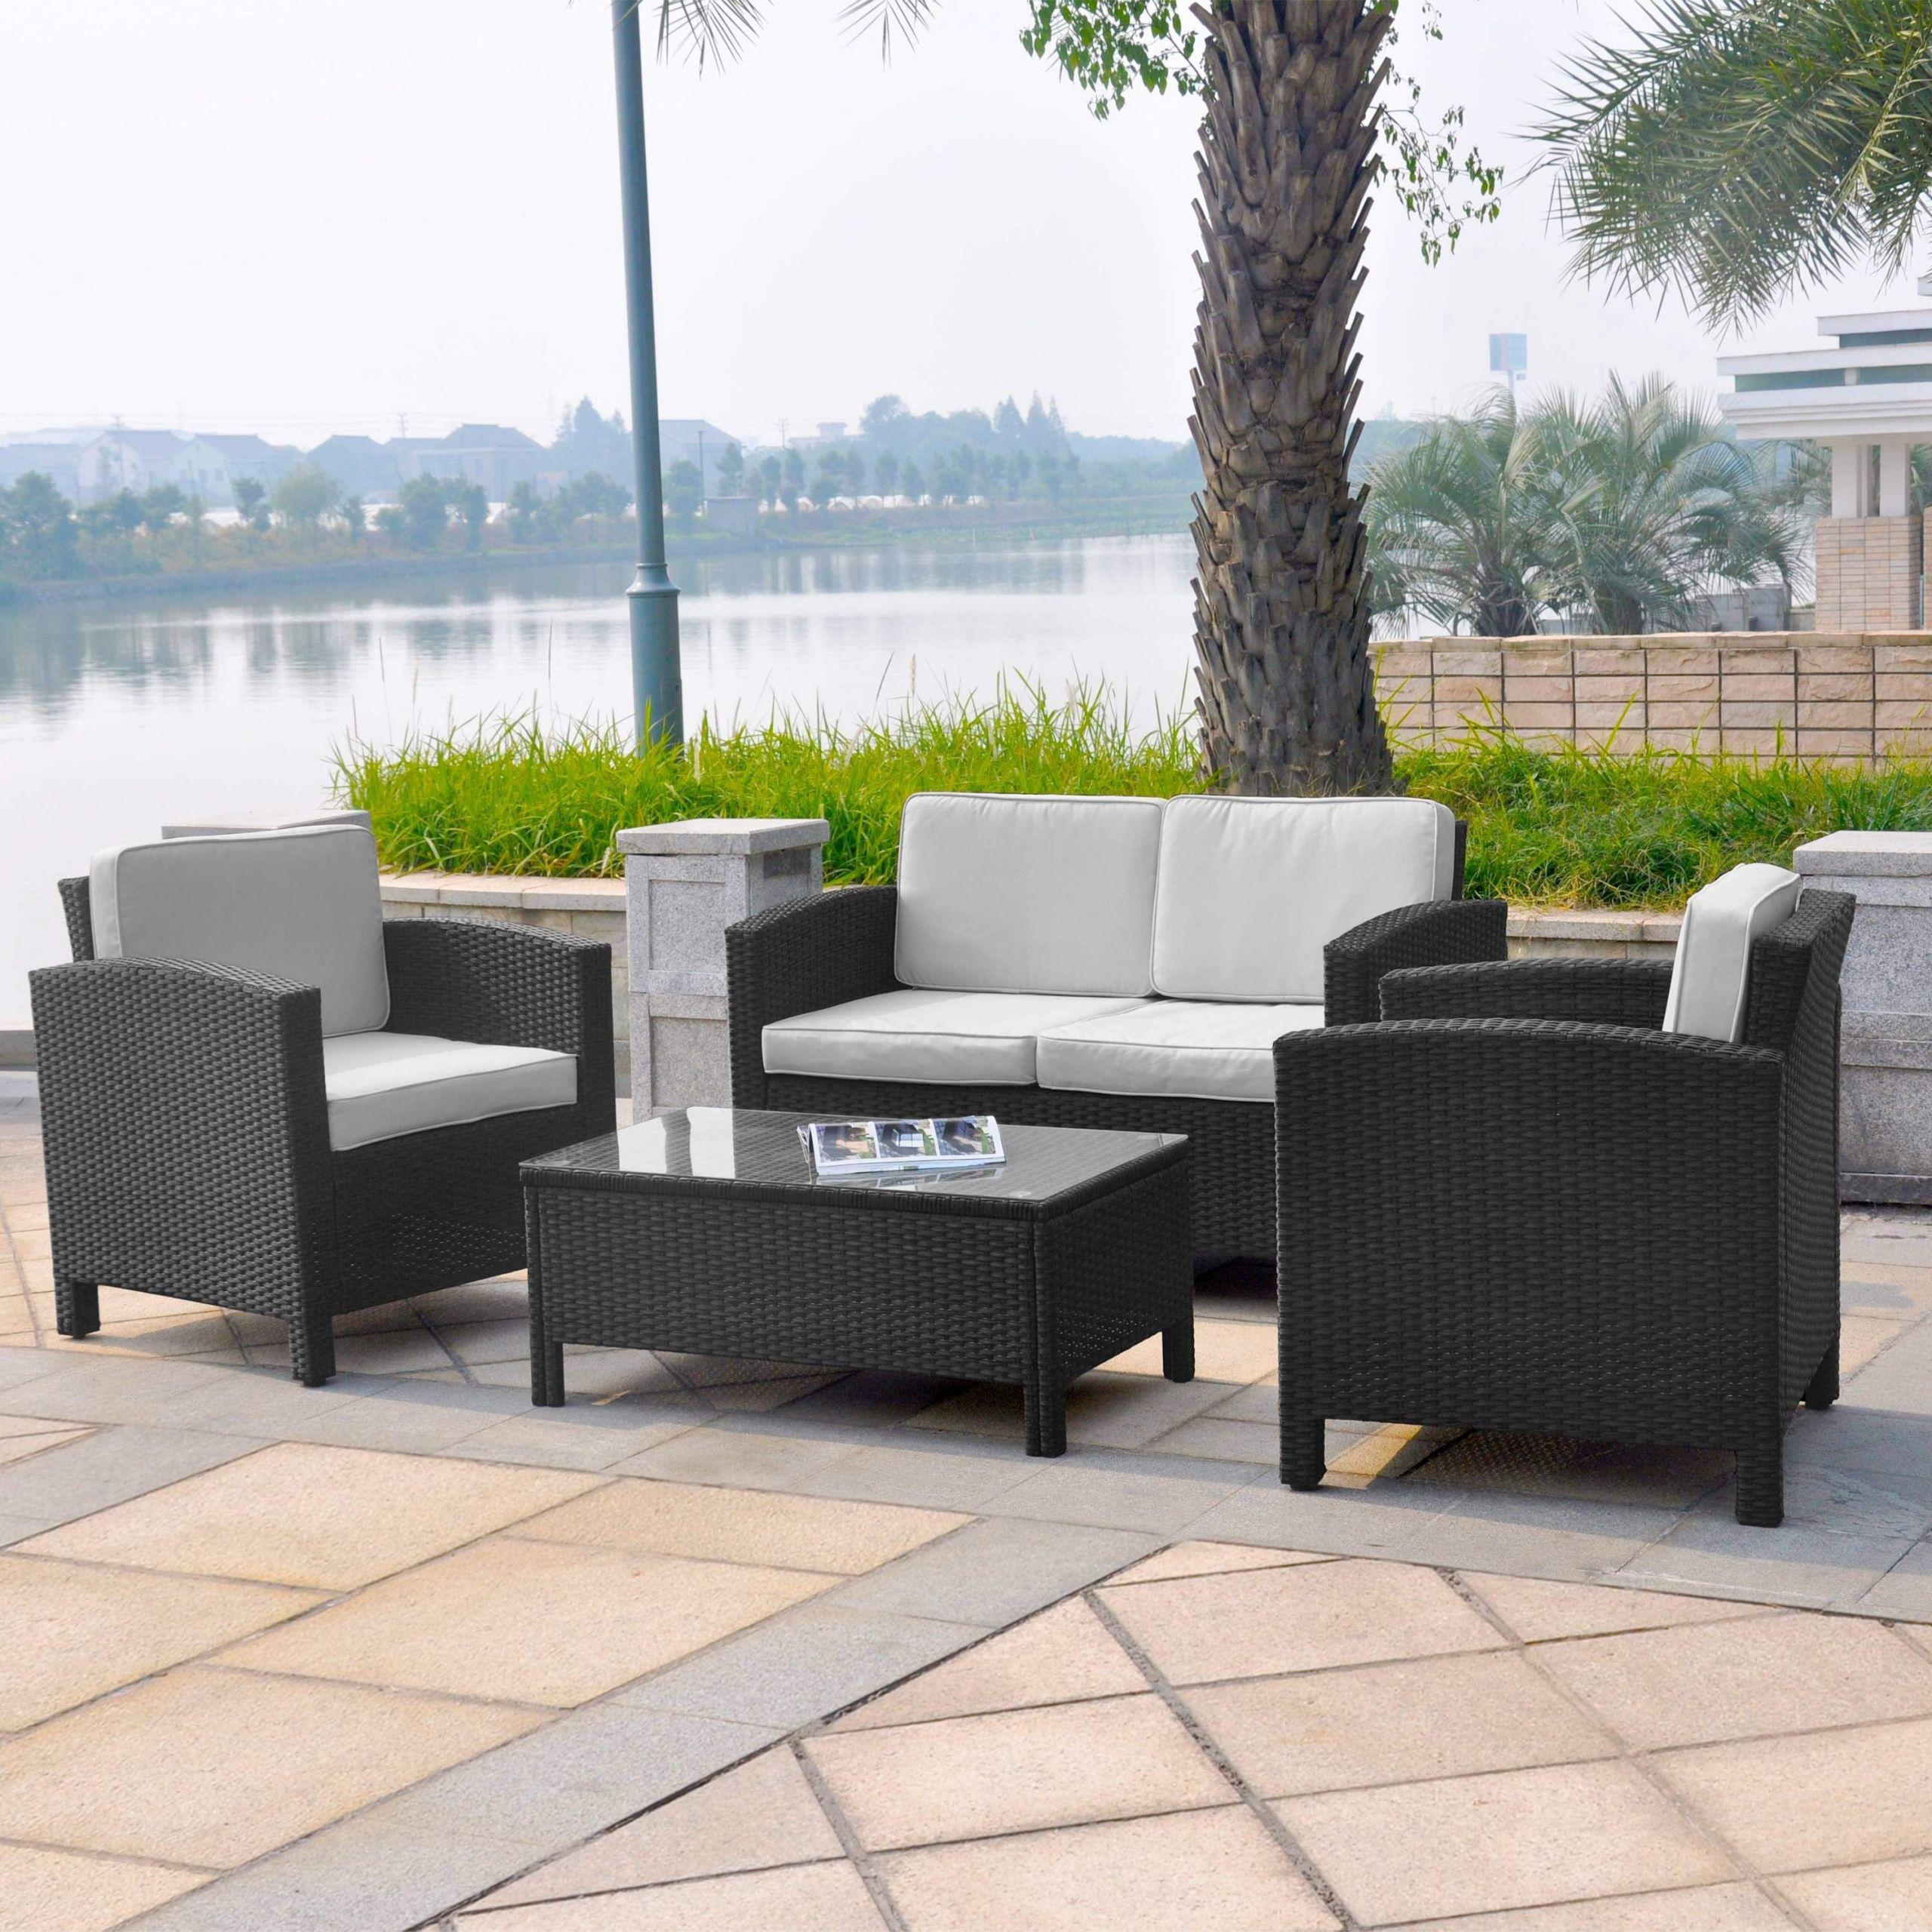 gartenstuhle kaufen tisch stuhle terrasse eckbank terrasse 0d archives beste esstisch of gartenstuhle kaufen